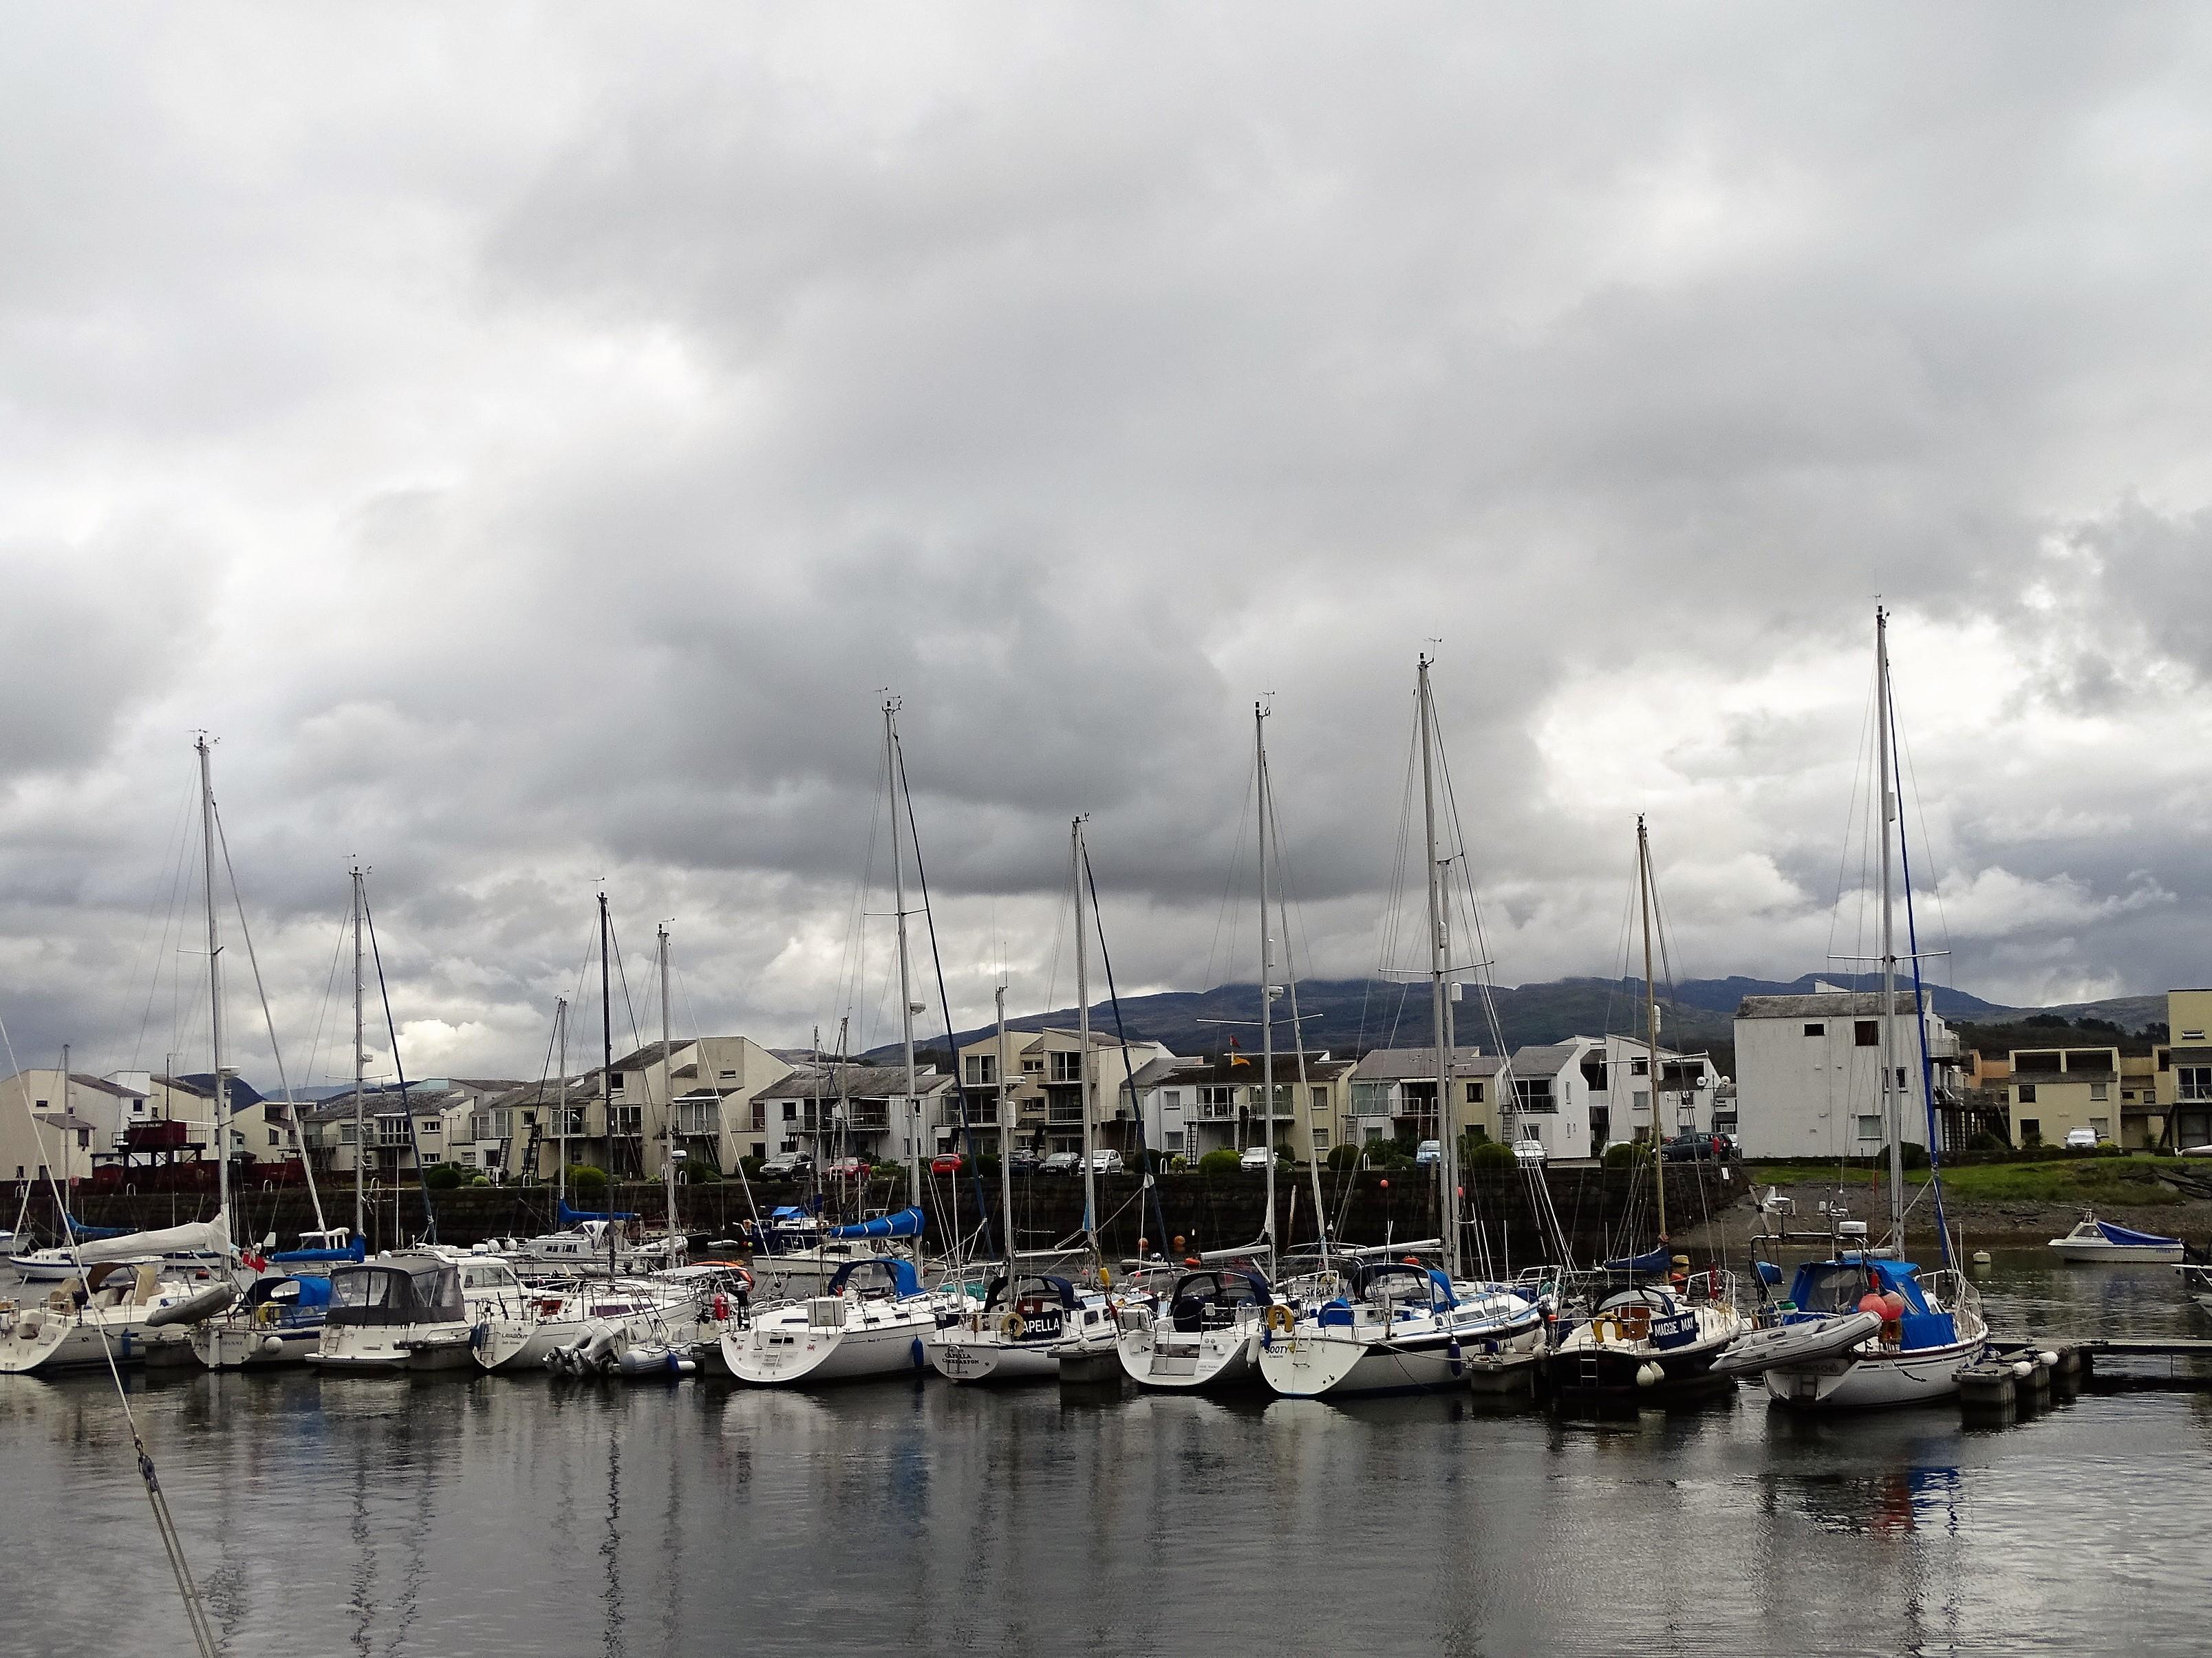 Porthmadog port